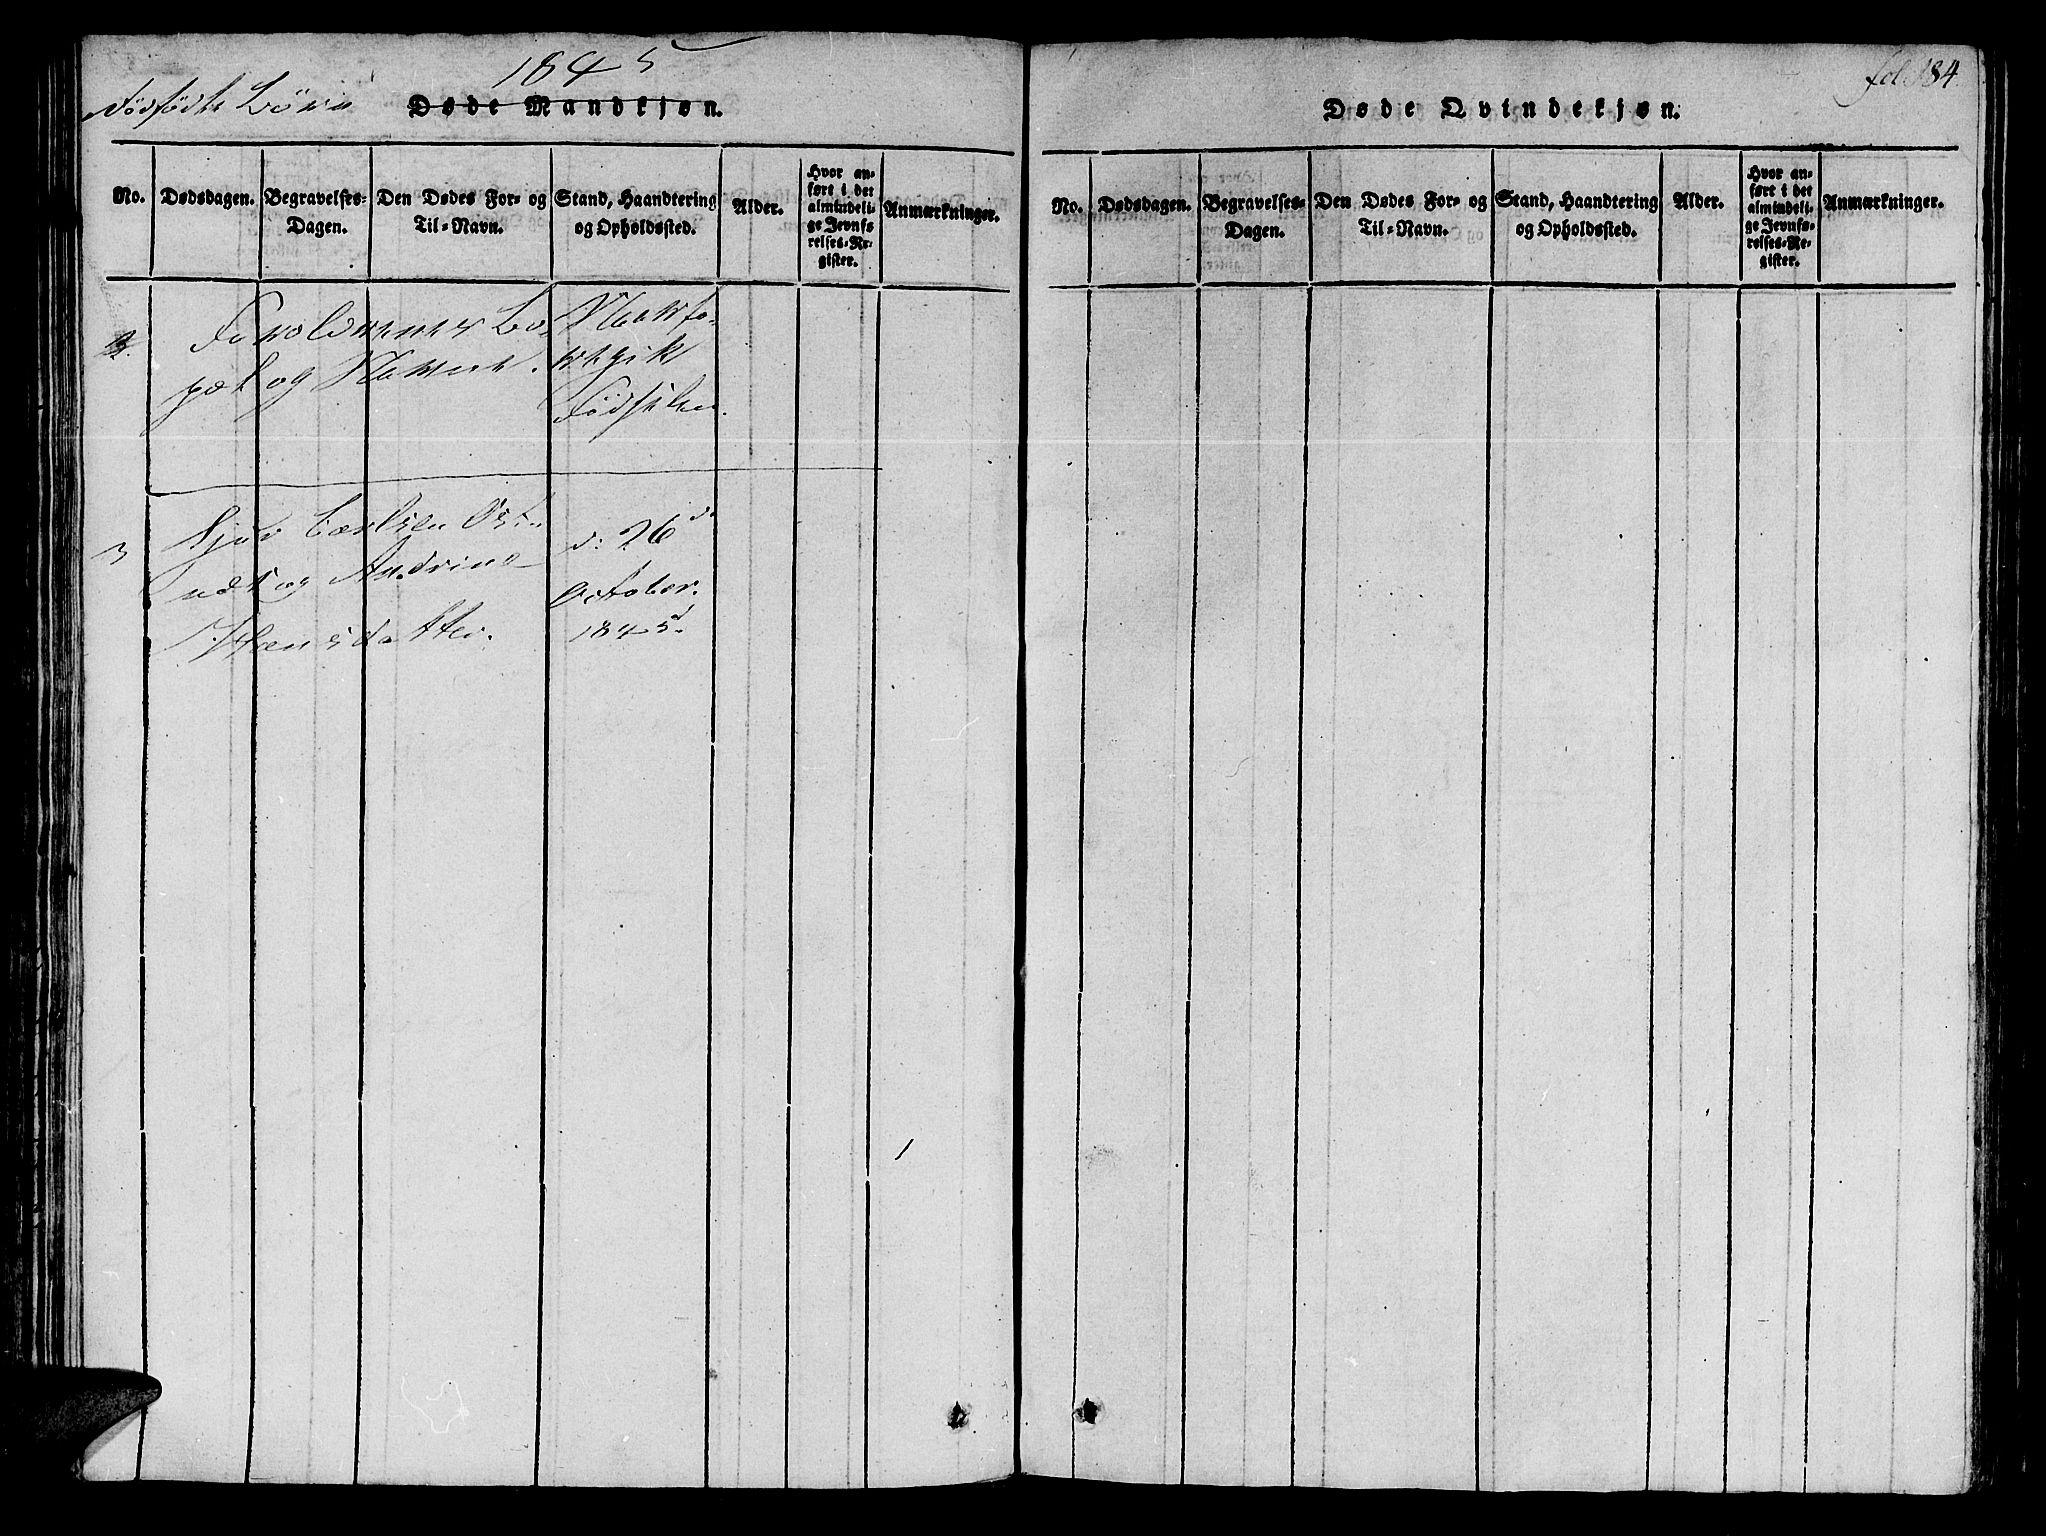 SAT, Ministerialprotokoller, klokkerbøker og fødselsregistre - Møre og Romsdal, 536/L0495: Ministerialbok nr. 536A04, 1818-1847, s. 184